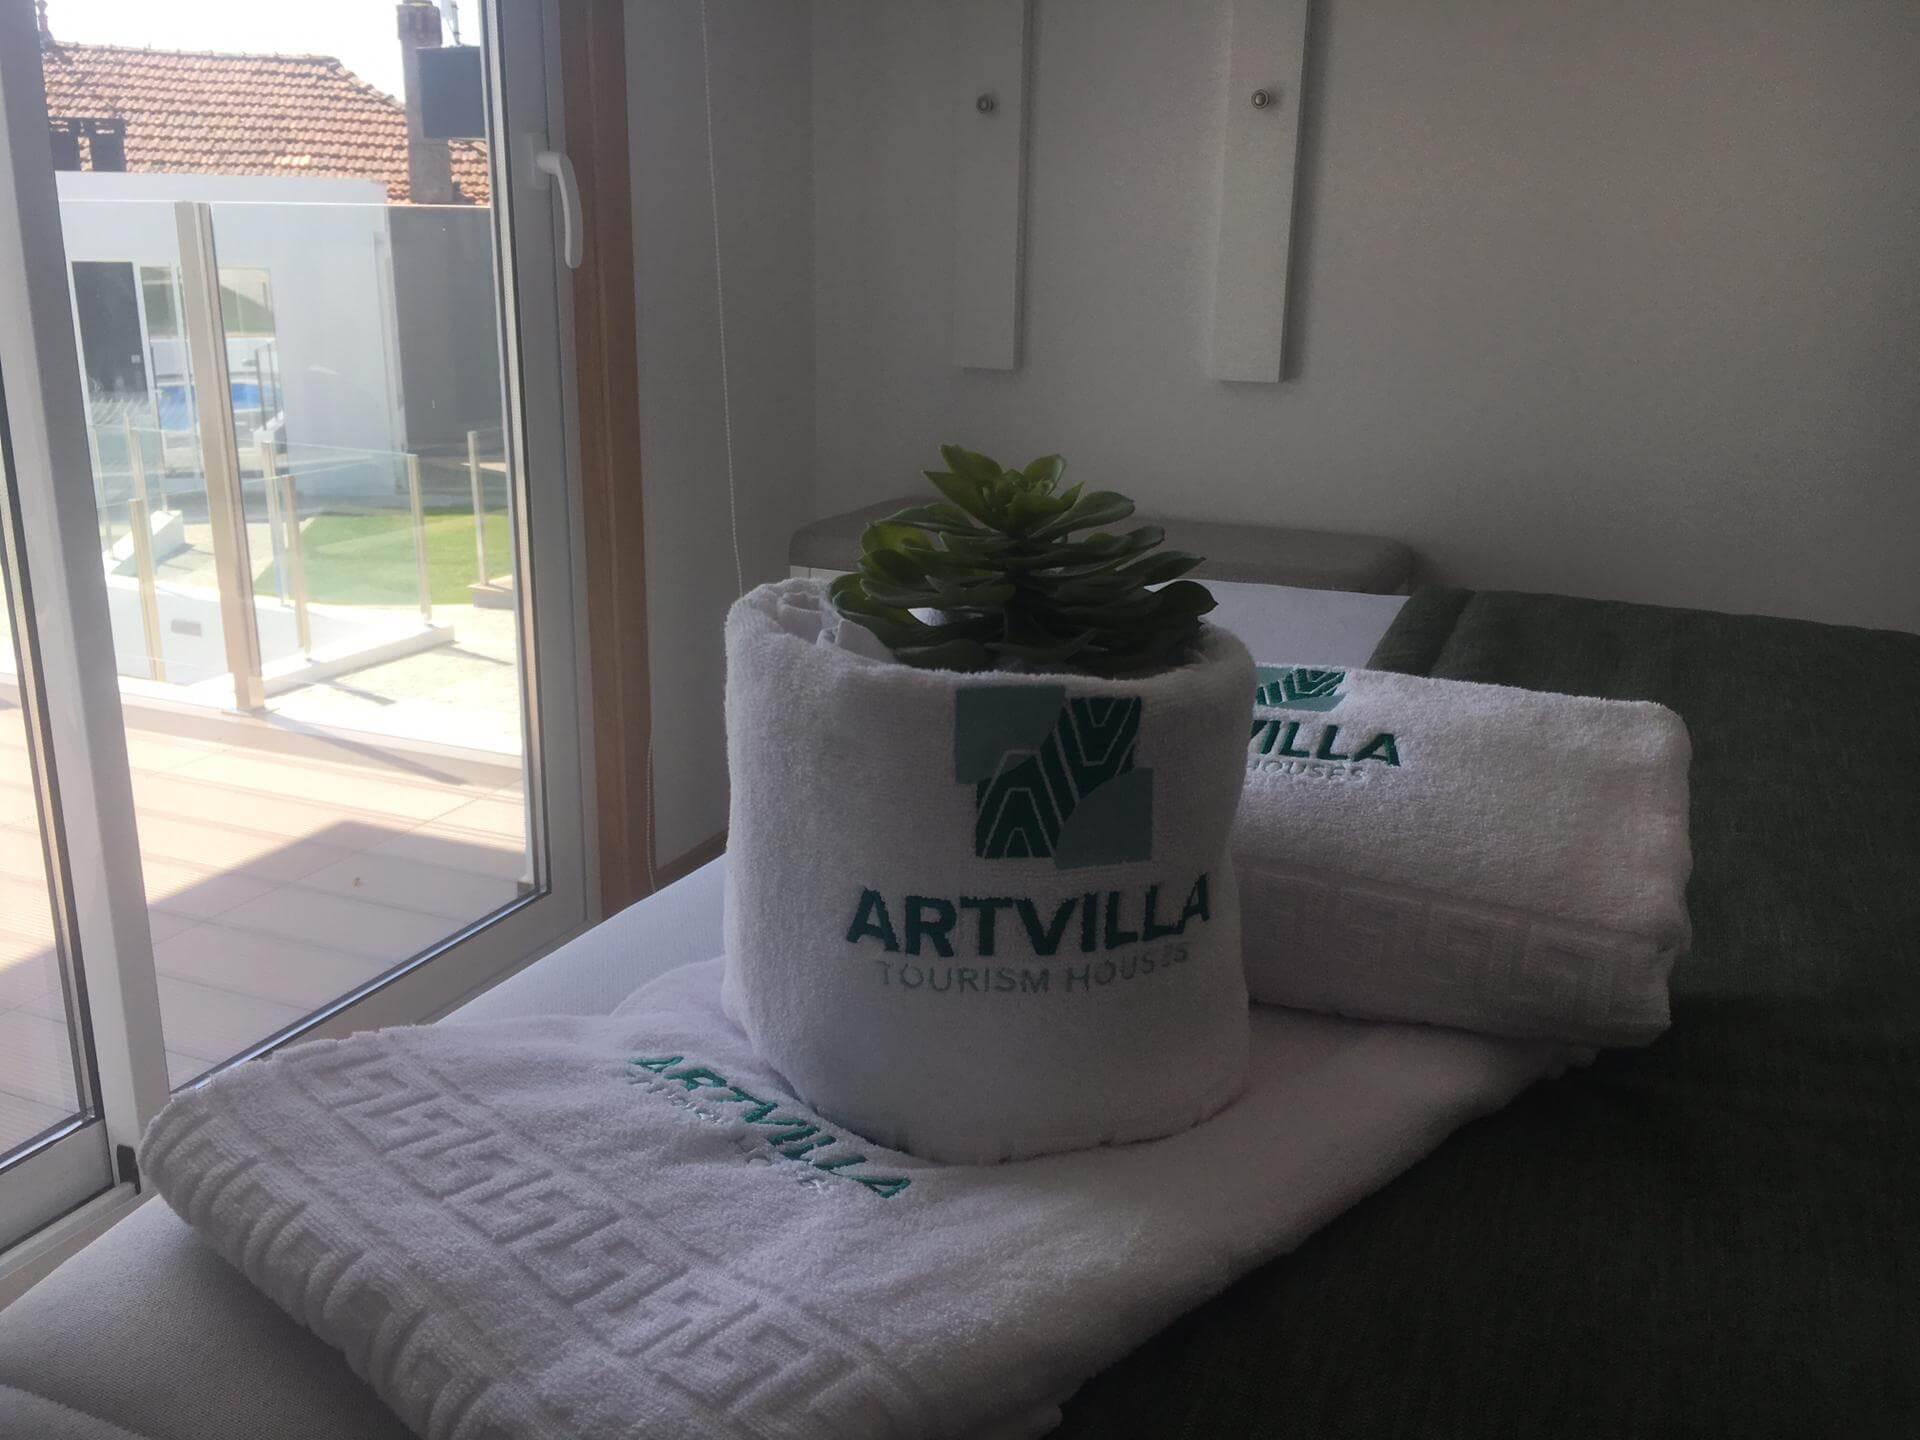 Artvilla (25)